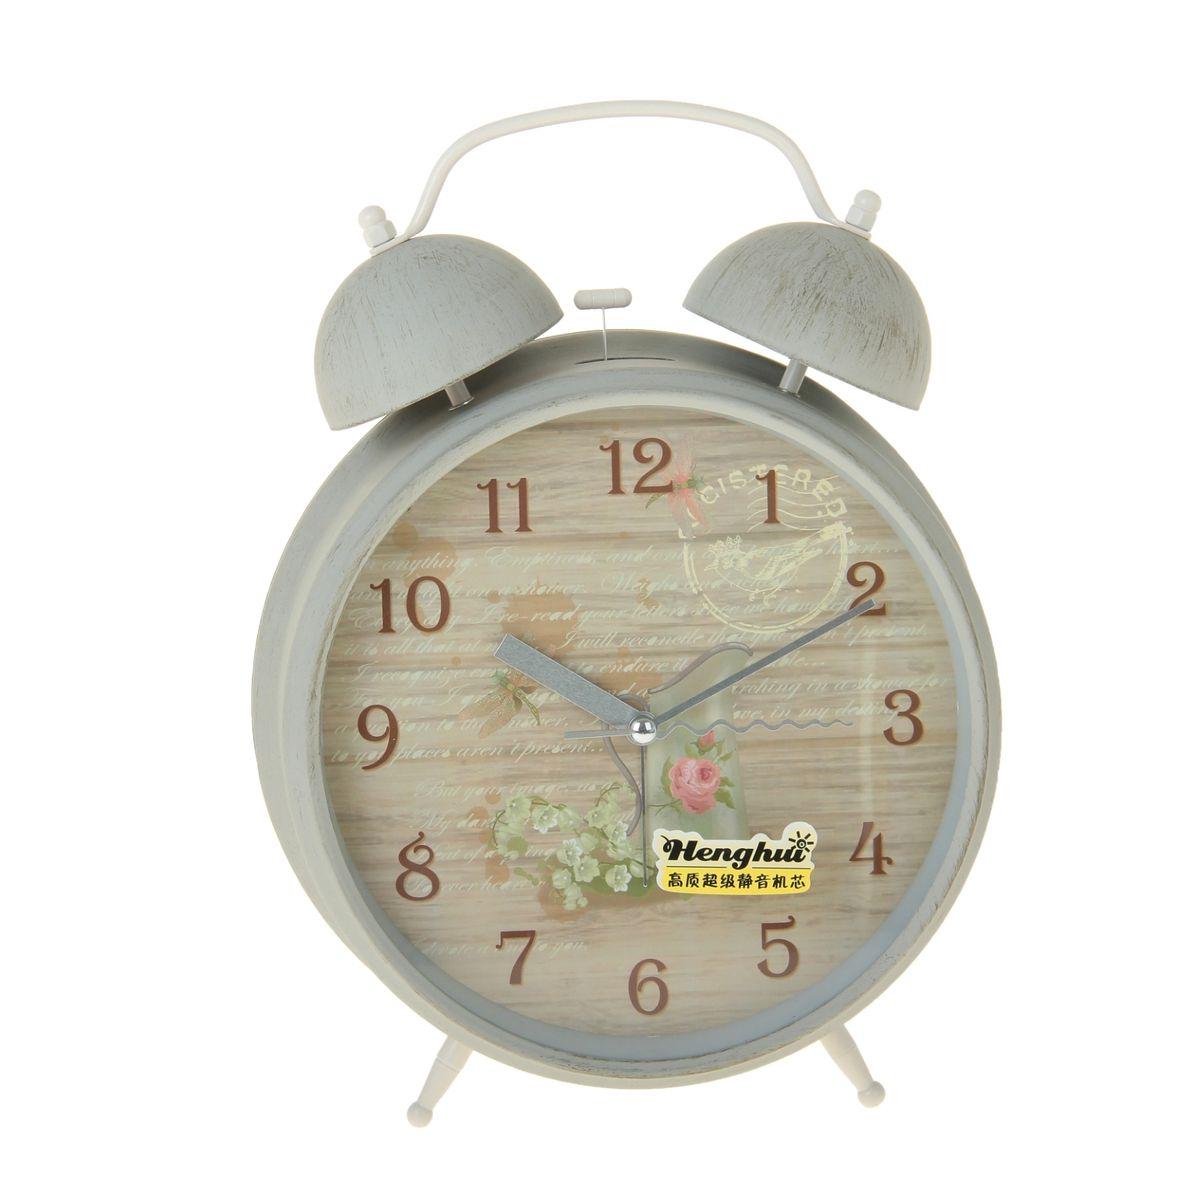 Часы-будильник Sima-land Кувшин и цветы906627Как же сложно иногда вставать вовремя! Всегда так хочется поспать еще хотя бы 5 минут и бывает, что мы просыпаем. Теперь этого не случится! Яркий, оригинальный будильник Sima-land Кувшин и цветы поможет вам всегда вставать в нужное время и успевать везде и всюду. Корпус будильника выполнен из металла. Циферблат имеет индикацию арабскими цифрами. Часы снабжены 4 стрелками (секундная, минутная, часовая и для будильника). На задней панели будильника расположен переключатель включения/выключения механизма, а также два колесика для настройки текущего времени и времени звонка будильника. Также будильник оснащен кнопкой, при нажатии которой подсвечивается циферблат. Пользоваться будильником очень легко: нужно всего лишь поставить батарейку, настроить точное время и установить время звонка. Необходимо докупить 1 батарейку типа АА (не входит в комплект).